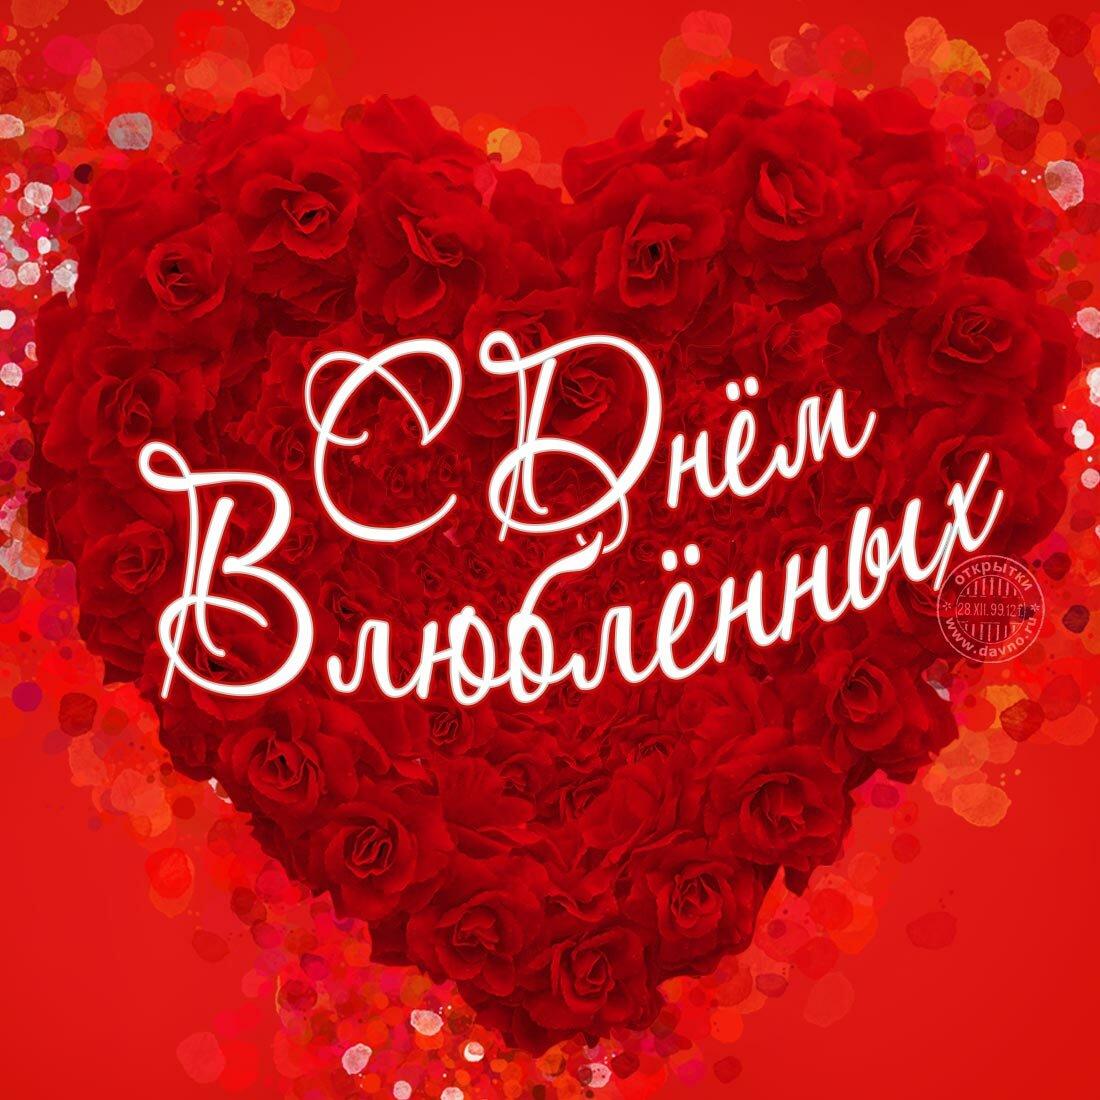 Дню, картинка валентинки на 14 февраля